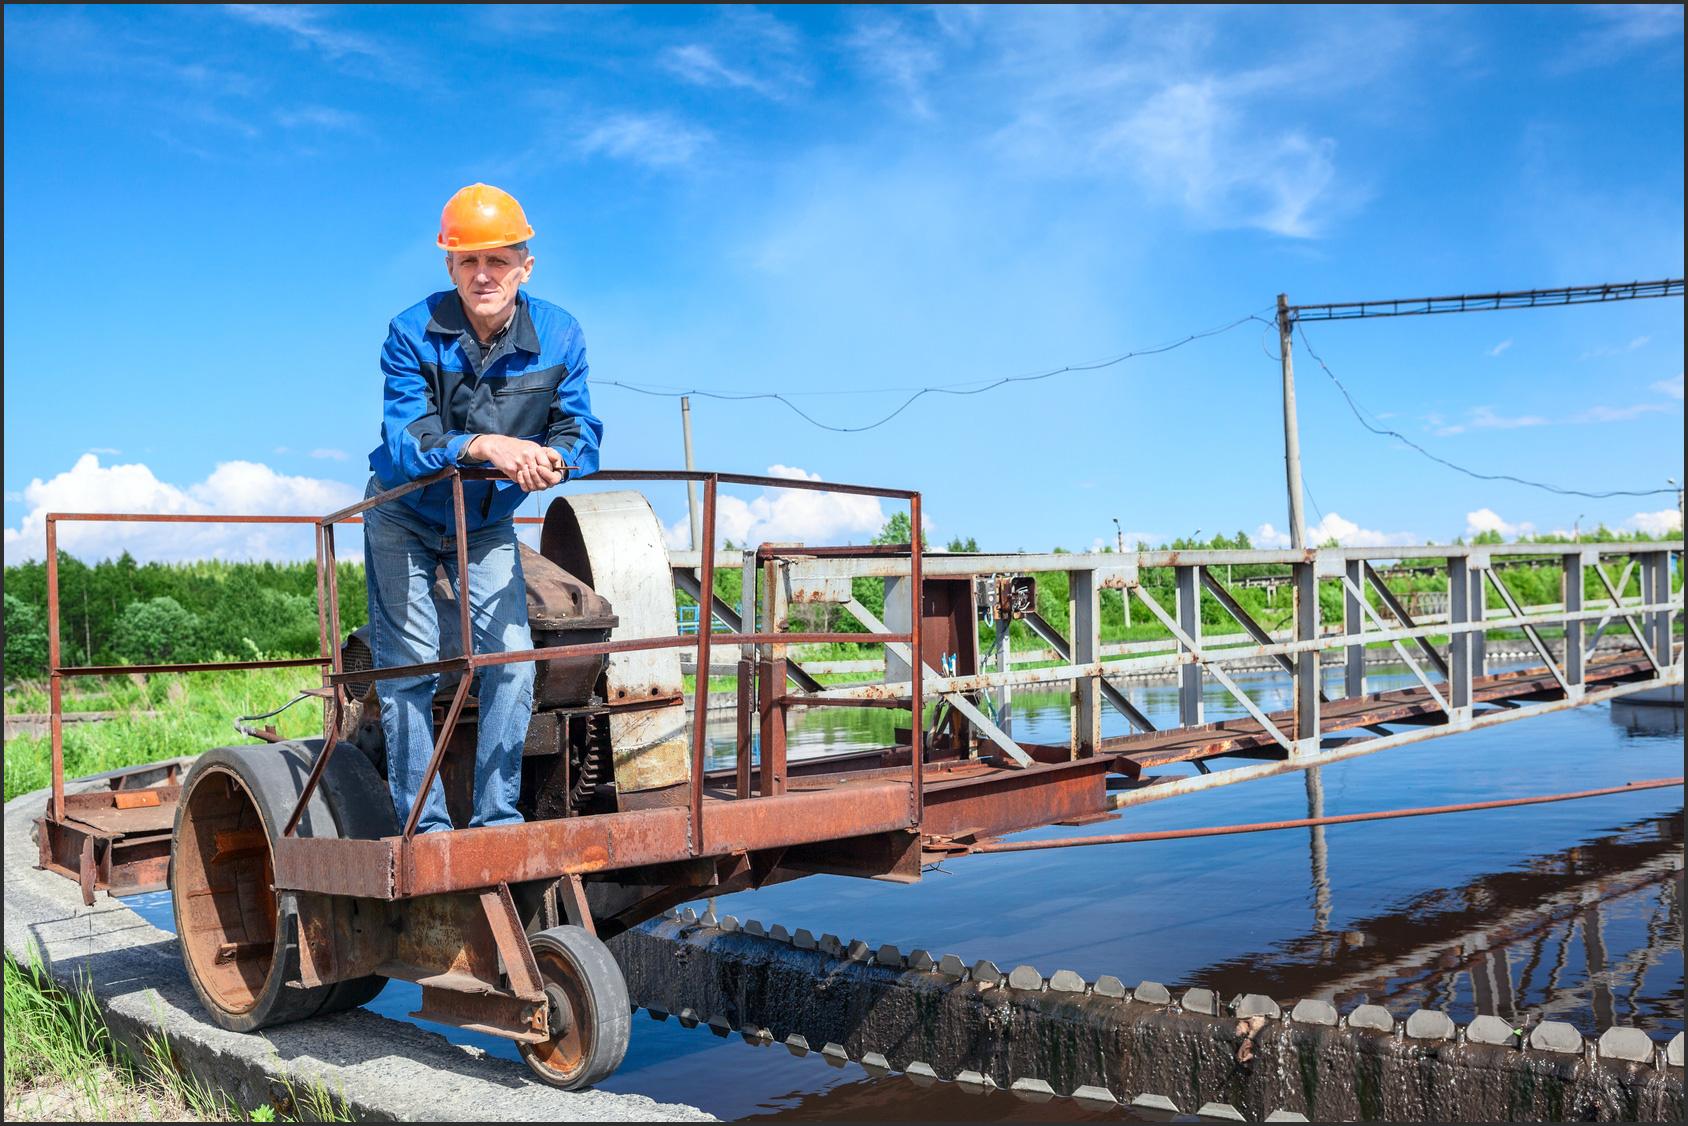 Industriearbeiter im Blaumann und gelbem Sicherheitshelm.